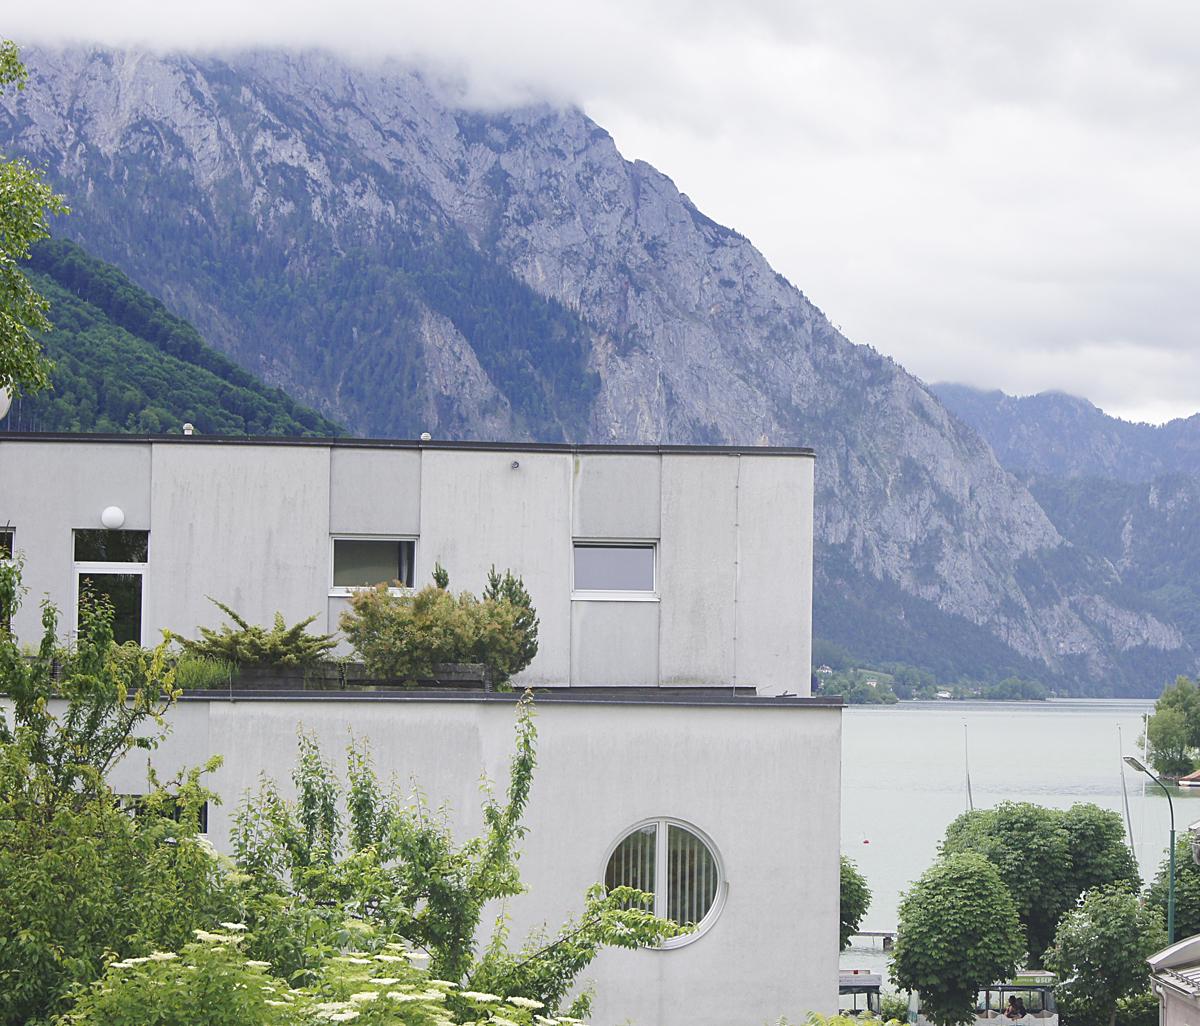 Mietwohnung in gmunden mit seeblick immobilien koroschetz for Miete wohnung